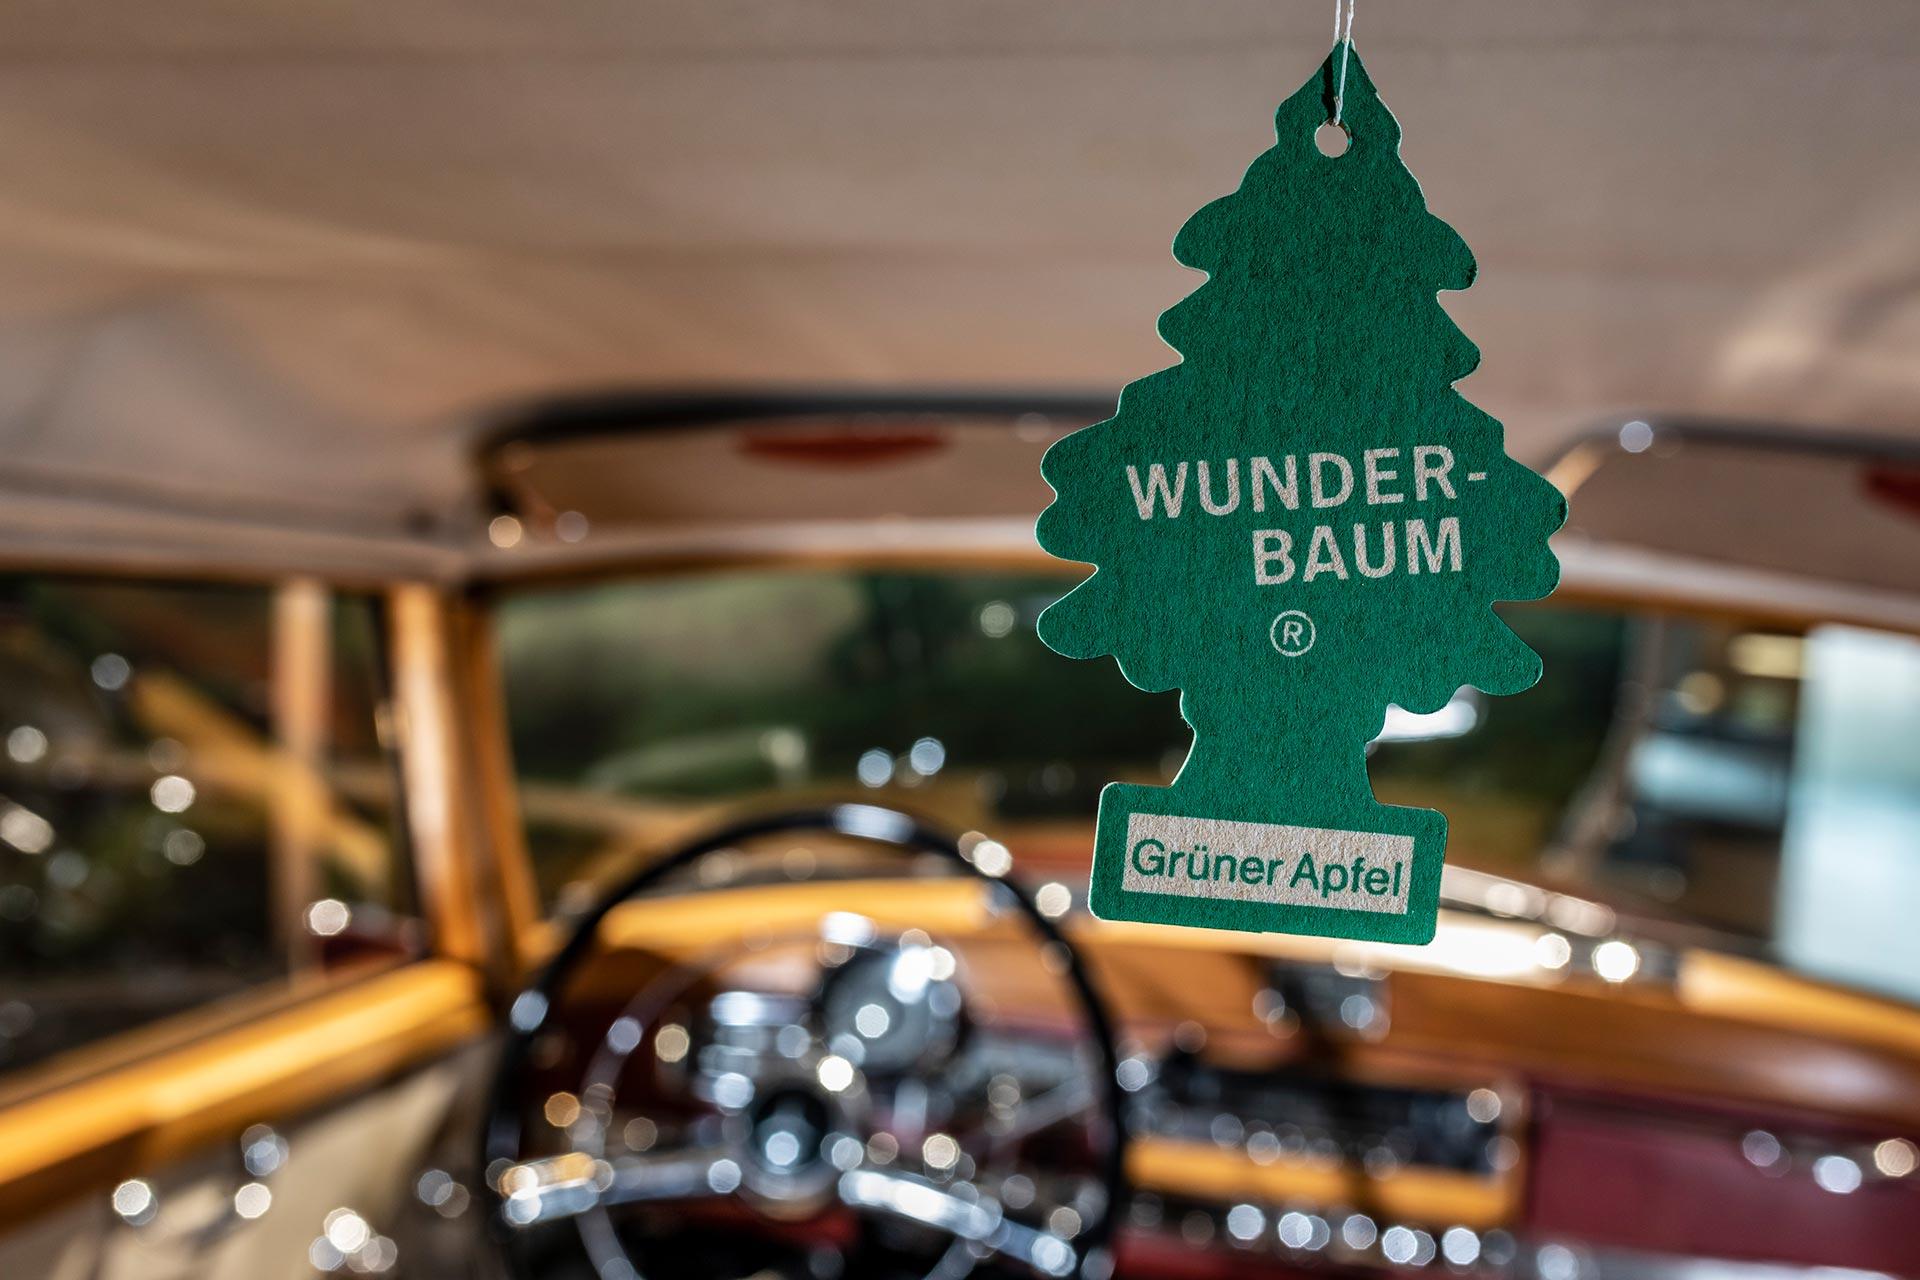 """Der Wunderbaum: Er tritt in den 1950er-Jahren seinen Siegeszug an. In ihm sind Duftstoffe gebunden und werden über einen längeren Zeitraum an die Luft abgegeben. Exponat der """"33 Extras"""" im Mercedes-Benz Museum."""